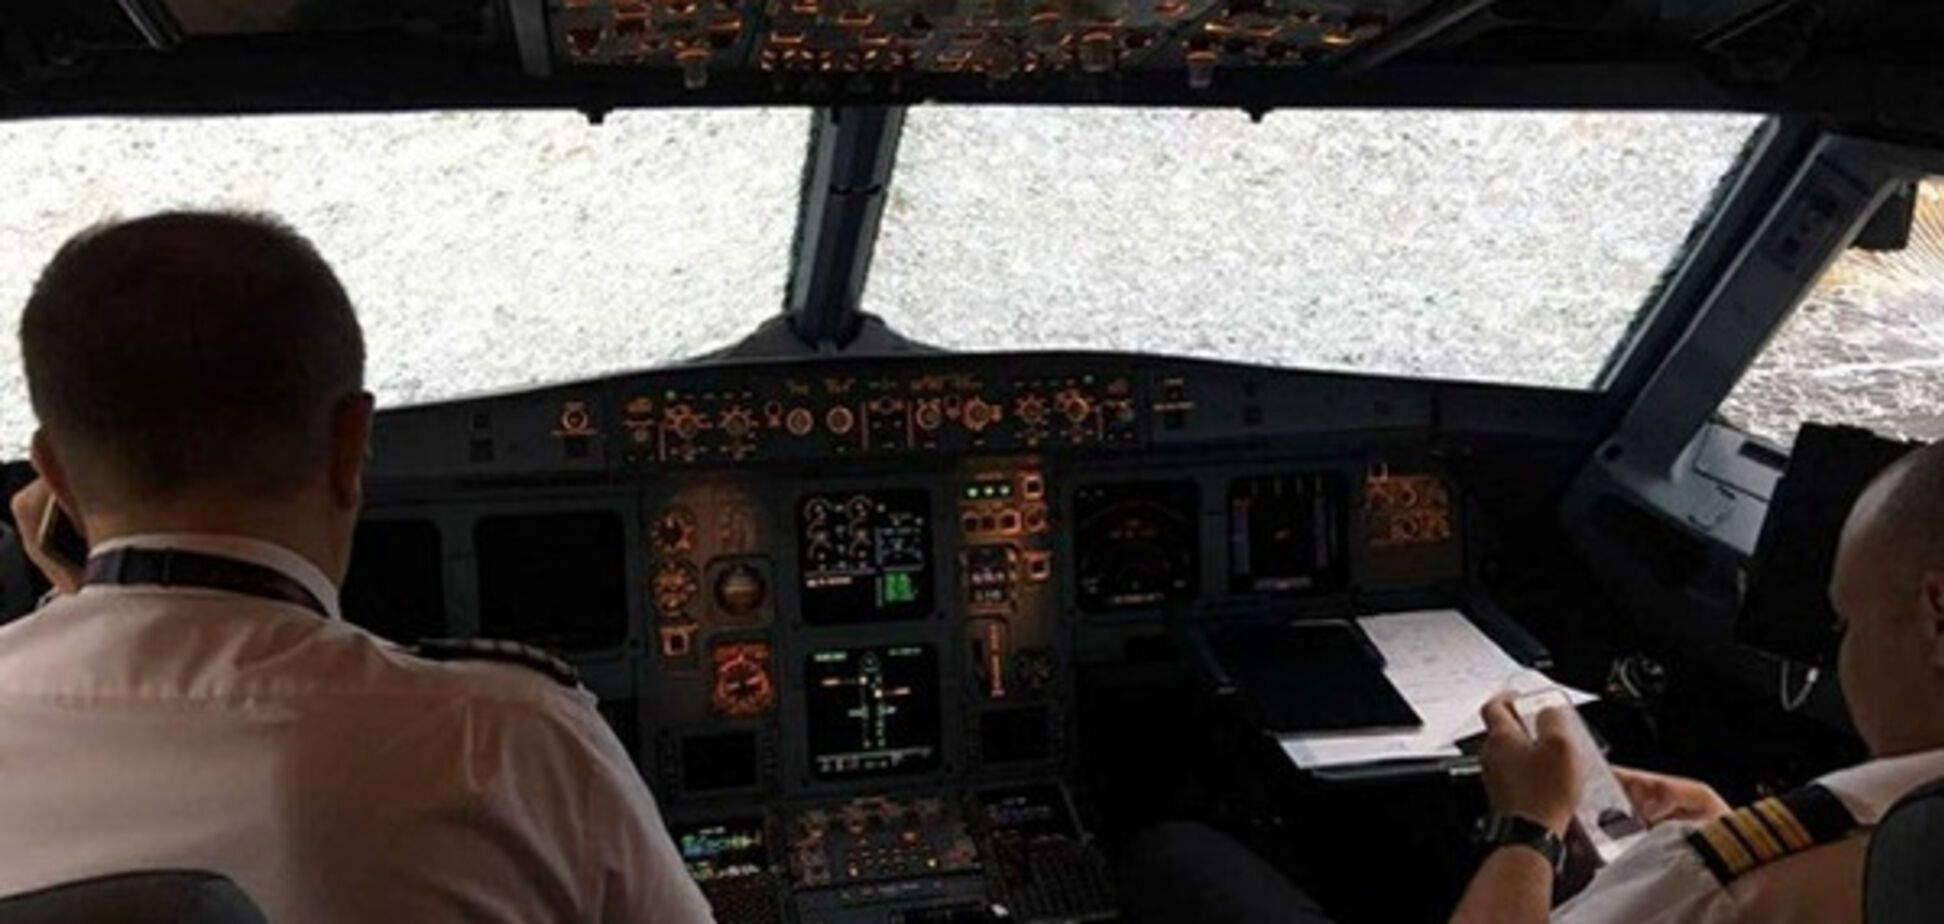 Прощались с жизнью: появилось душещипательное видео из разбитого градом самолета в Стамбуле